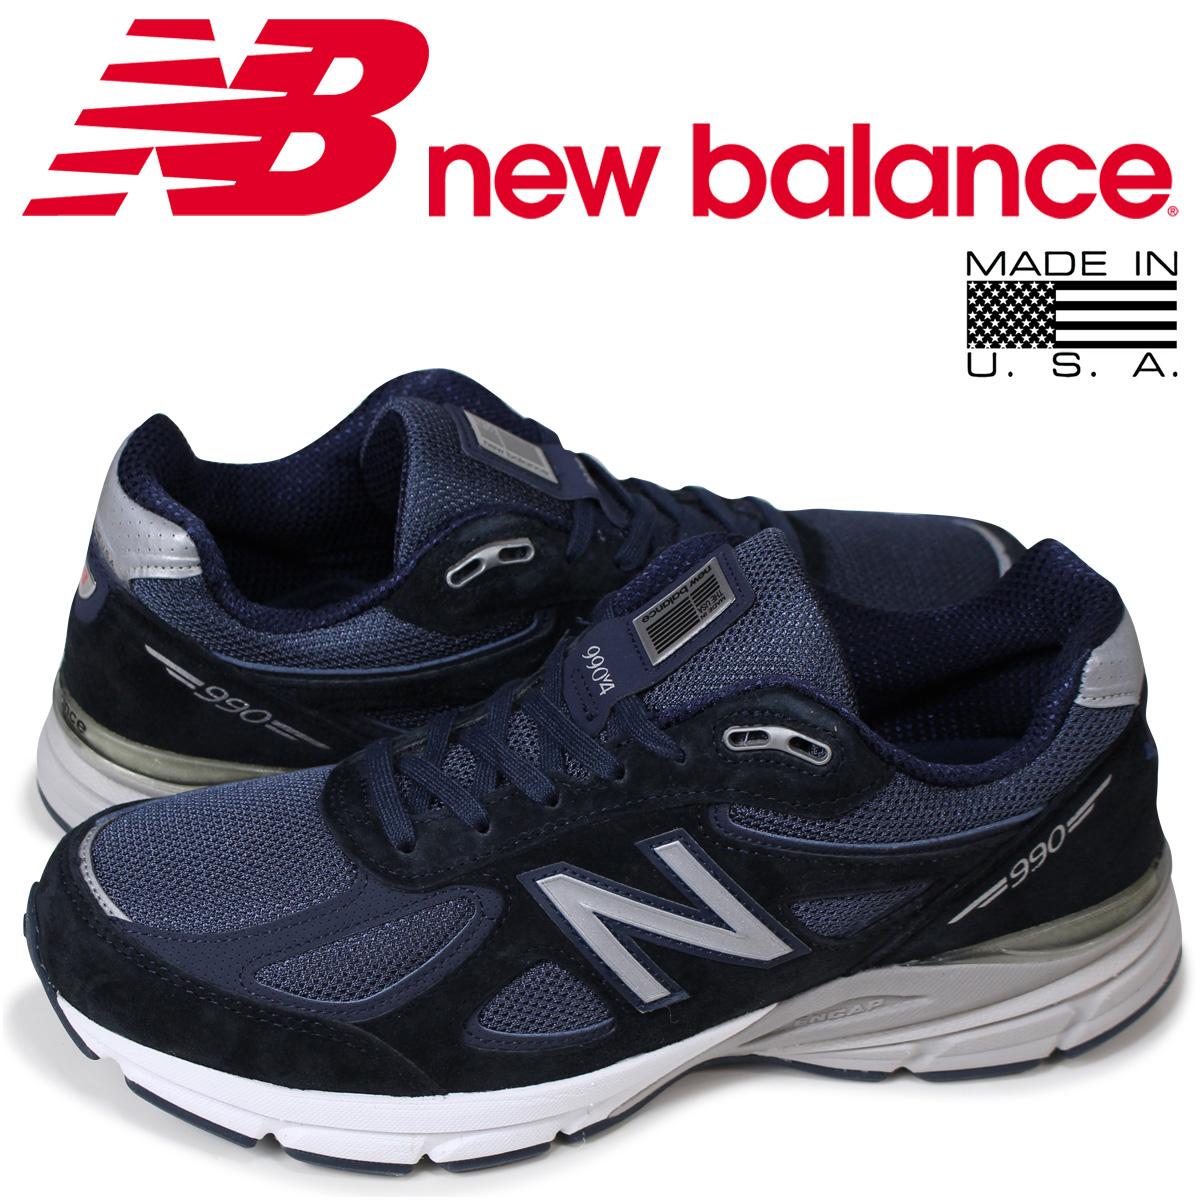 ニューバランス 990 メンズ new balance スニーカー M990NV4 Dワイズ ネイビー MADE IN USA